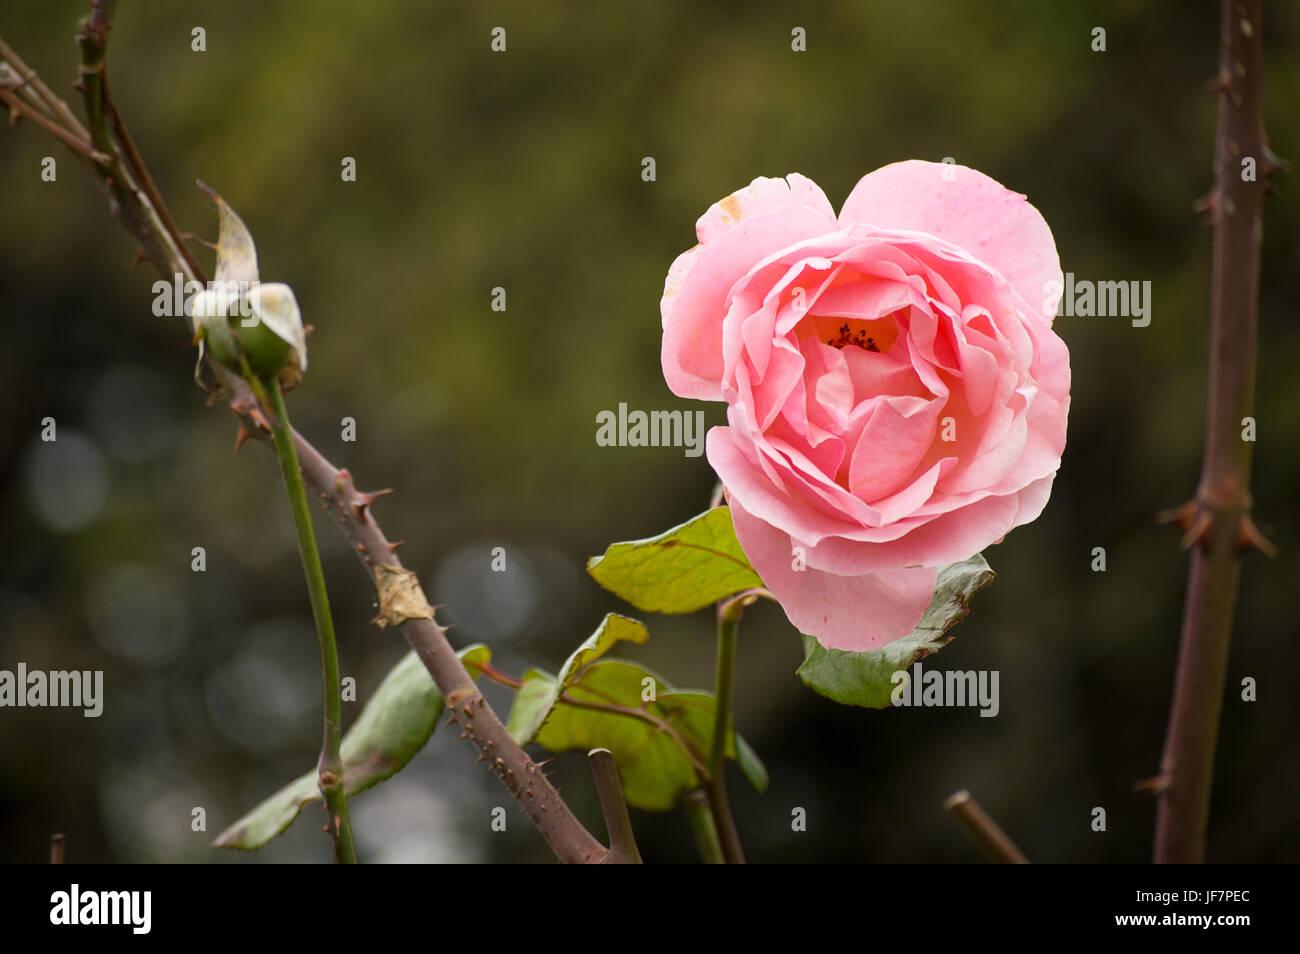 Bella rosa su sfondo vegetale fuori fuoco al tramonto Immagini Stock